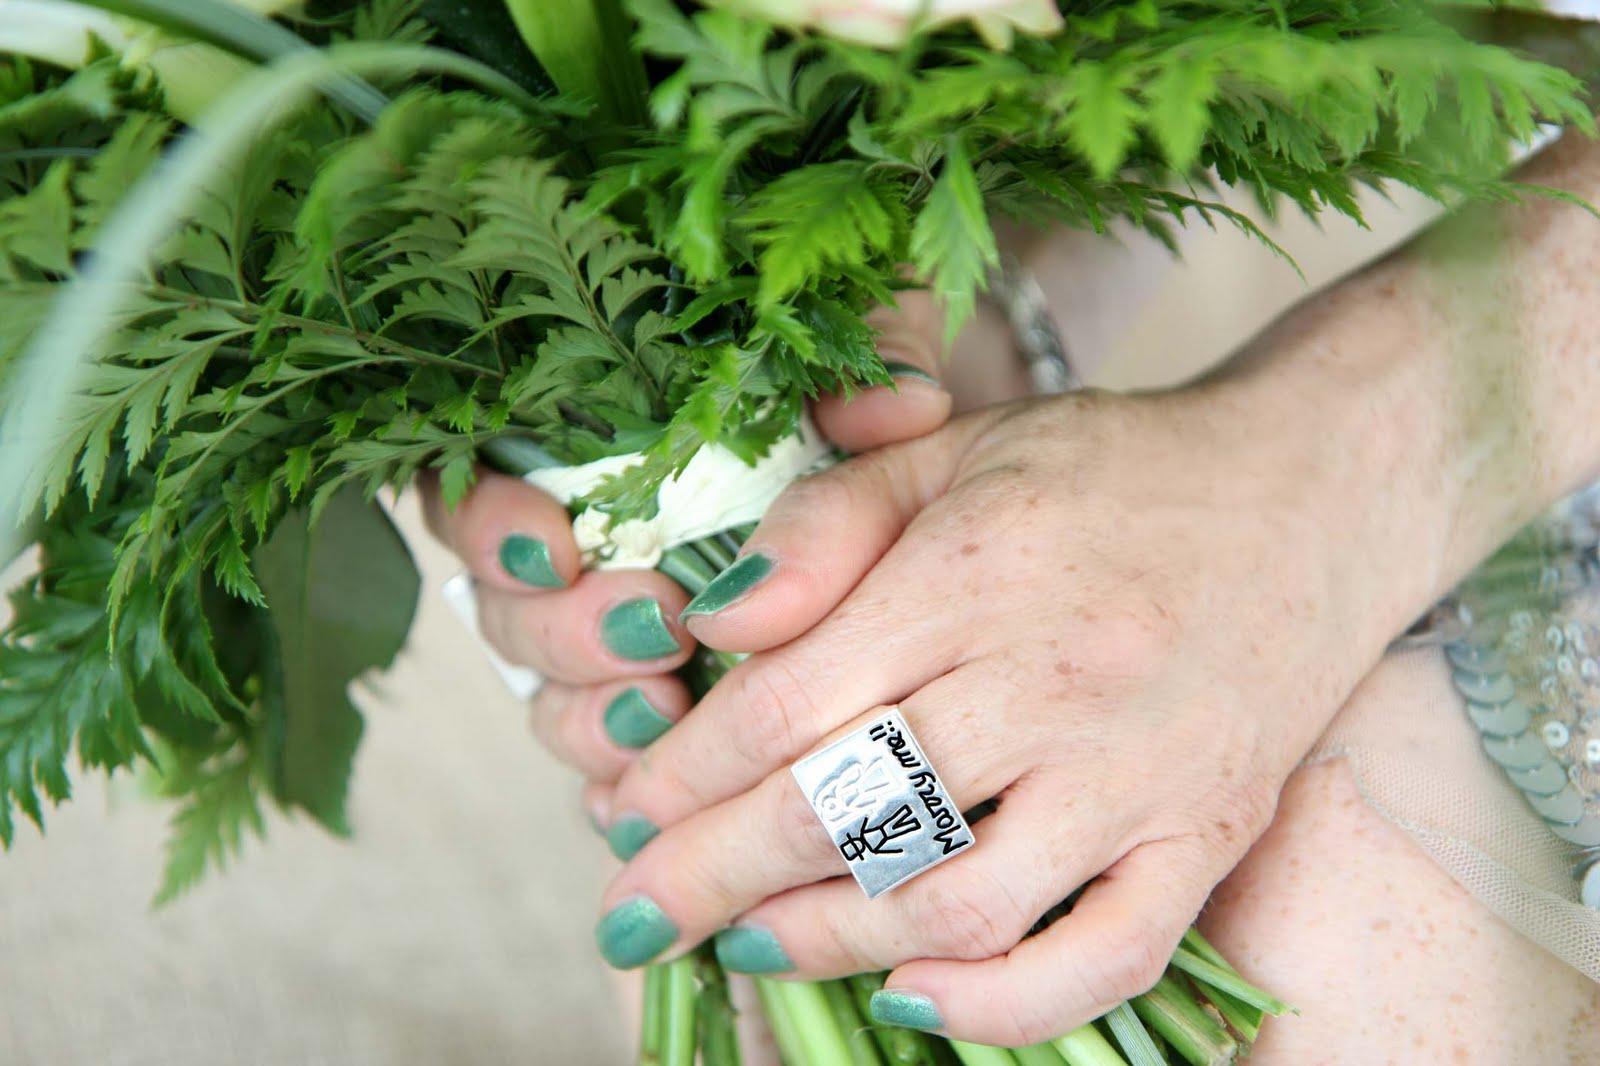 Matrimonio Auguri Originali : Frasispirit frasi matrimonio originali